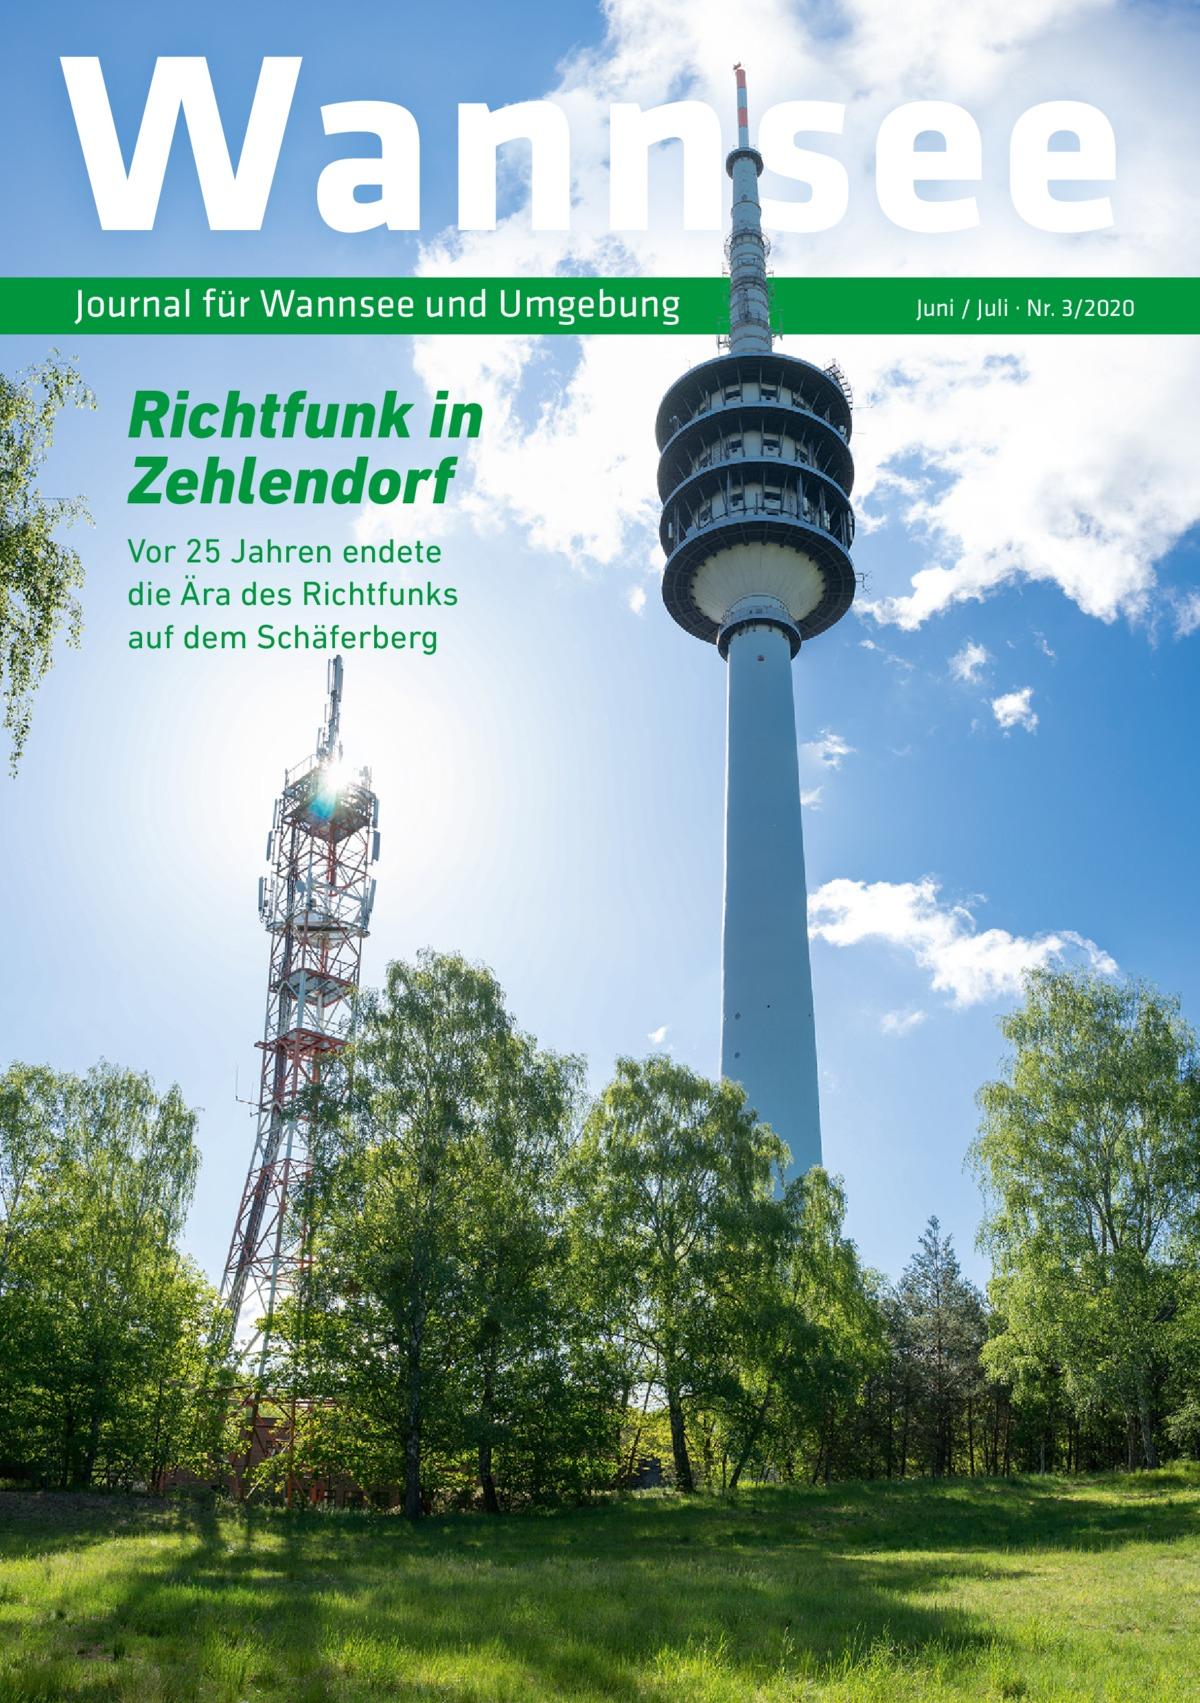 Wannsee Journal für Wannsee und Umgebung  Richtfunk in Zehlendorf Vor 25Jahren endete die Ära des Richtfunks auf dem Schäferberg  Juni / Juli · Nr. 3/2020